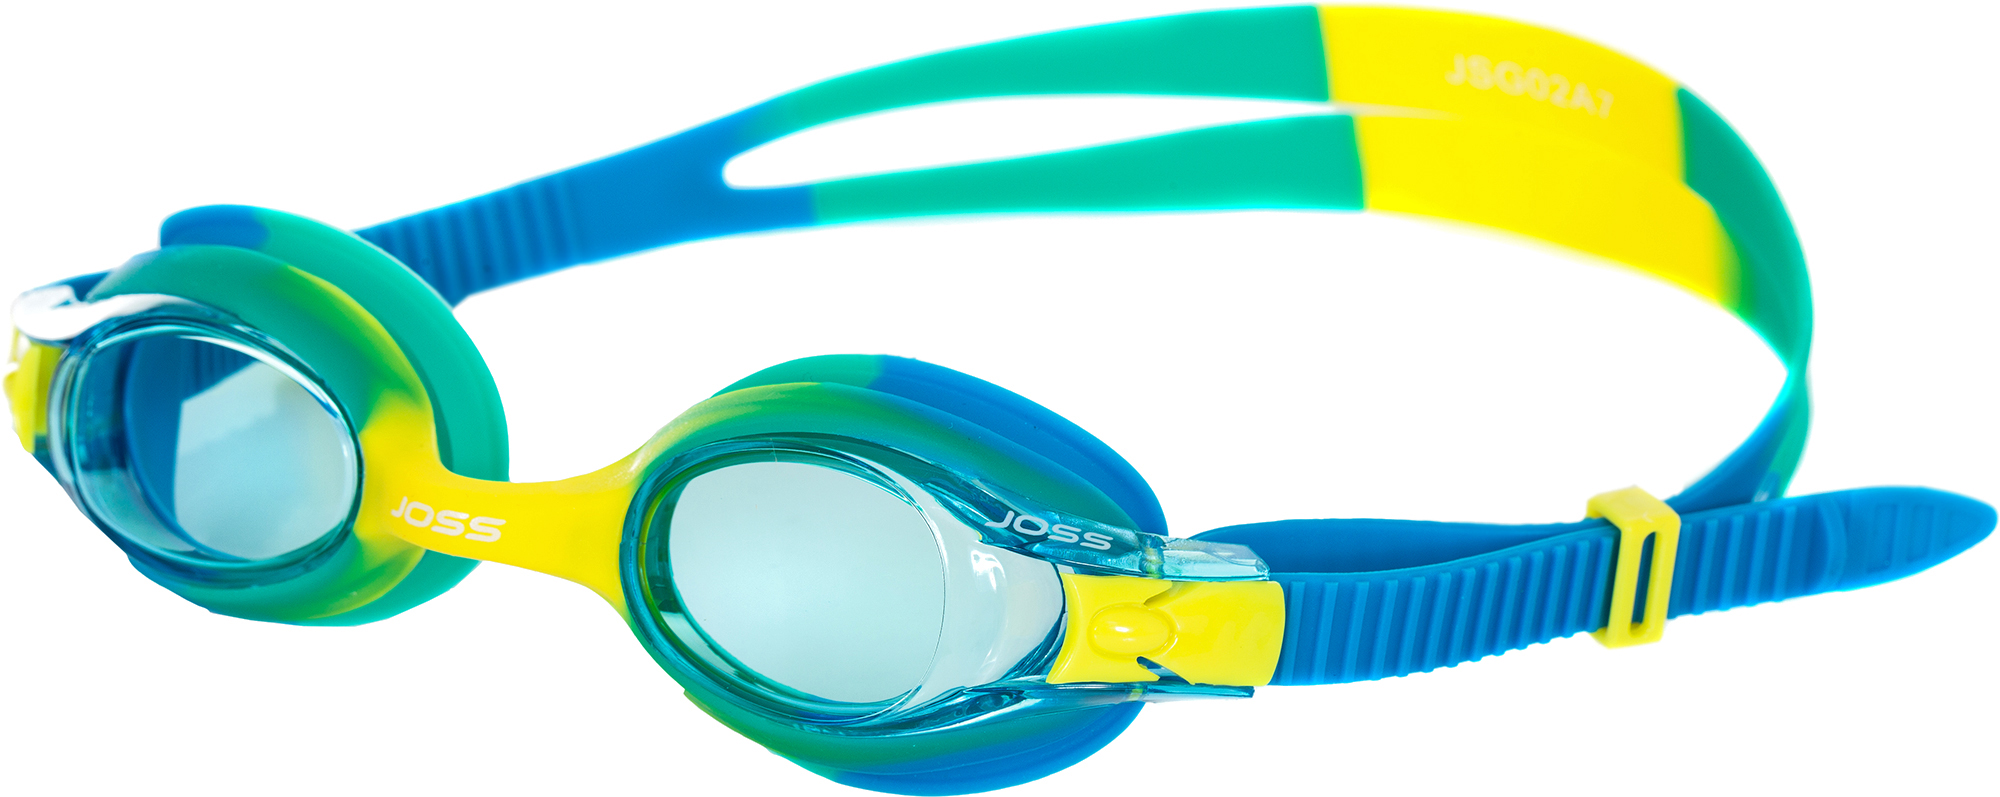 Joss Очки для плавания детские Joss